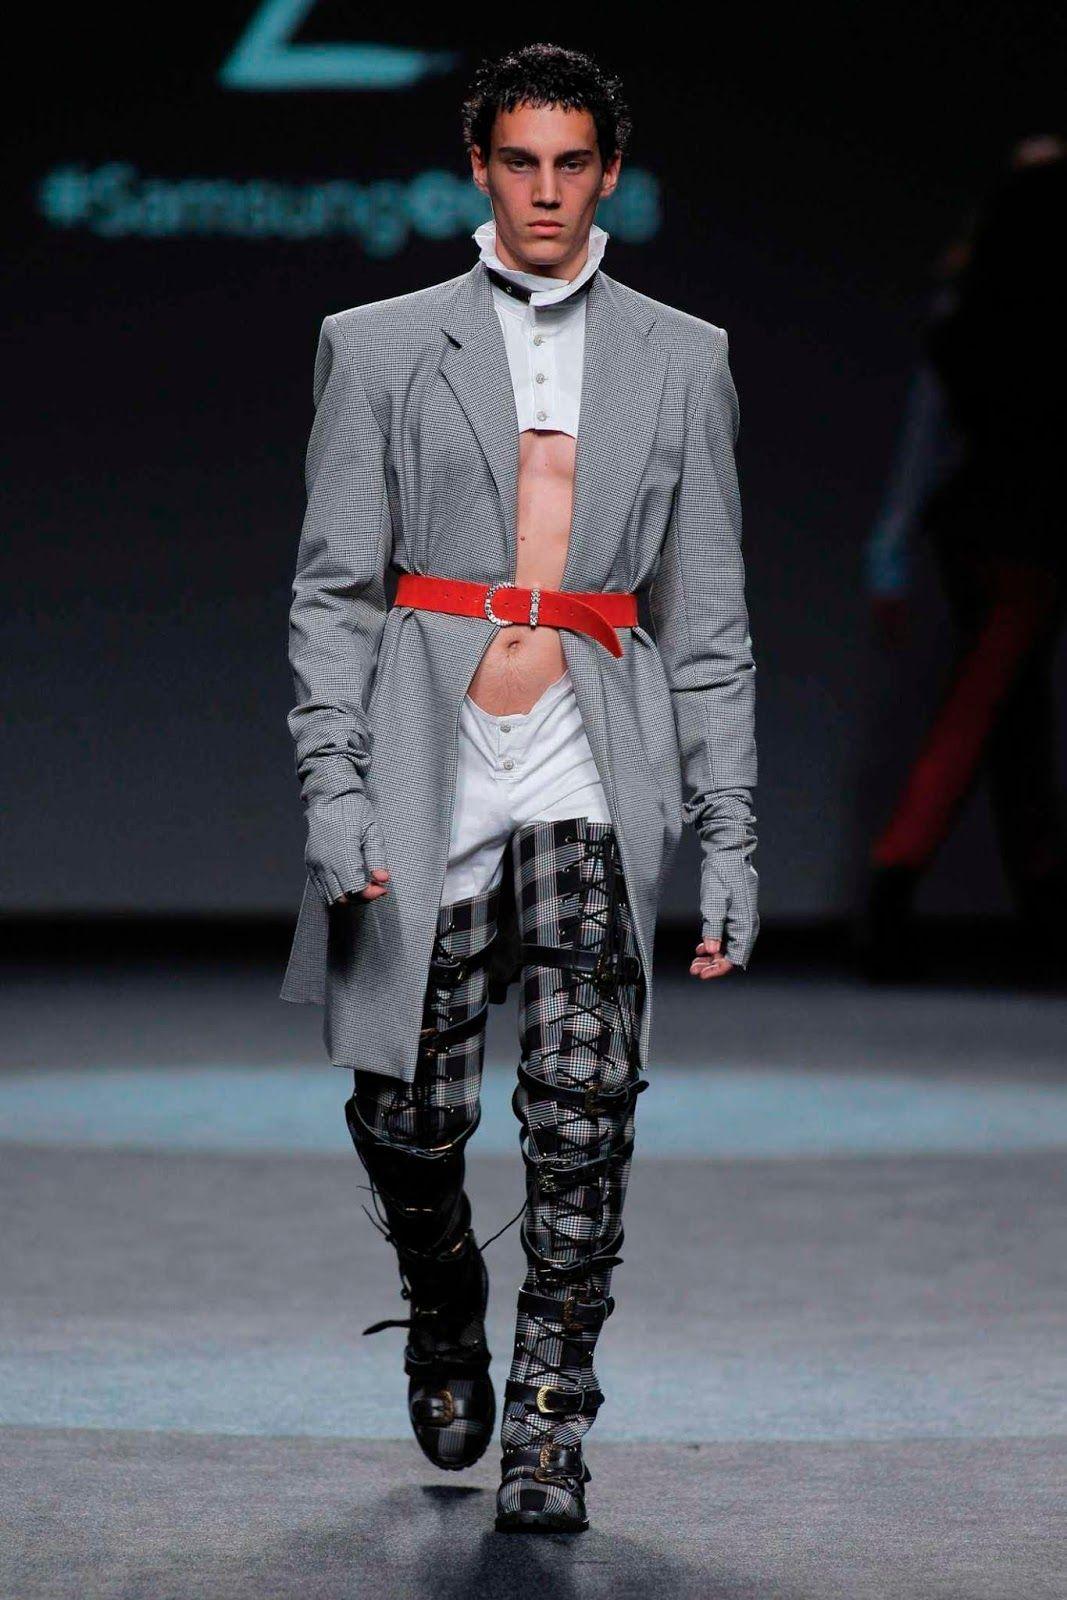 Andrés zurru springsummer mercedesbenz fashion week madrid